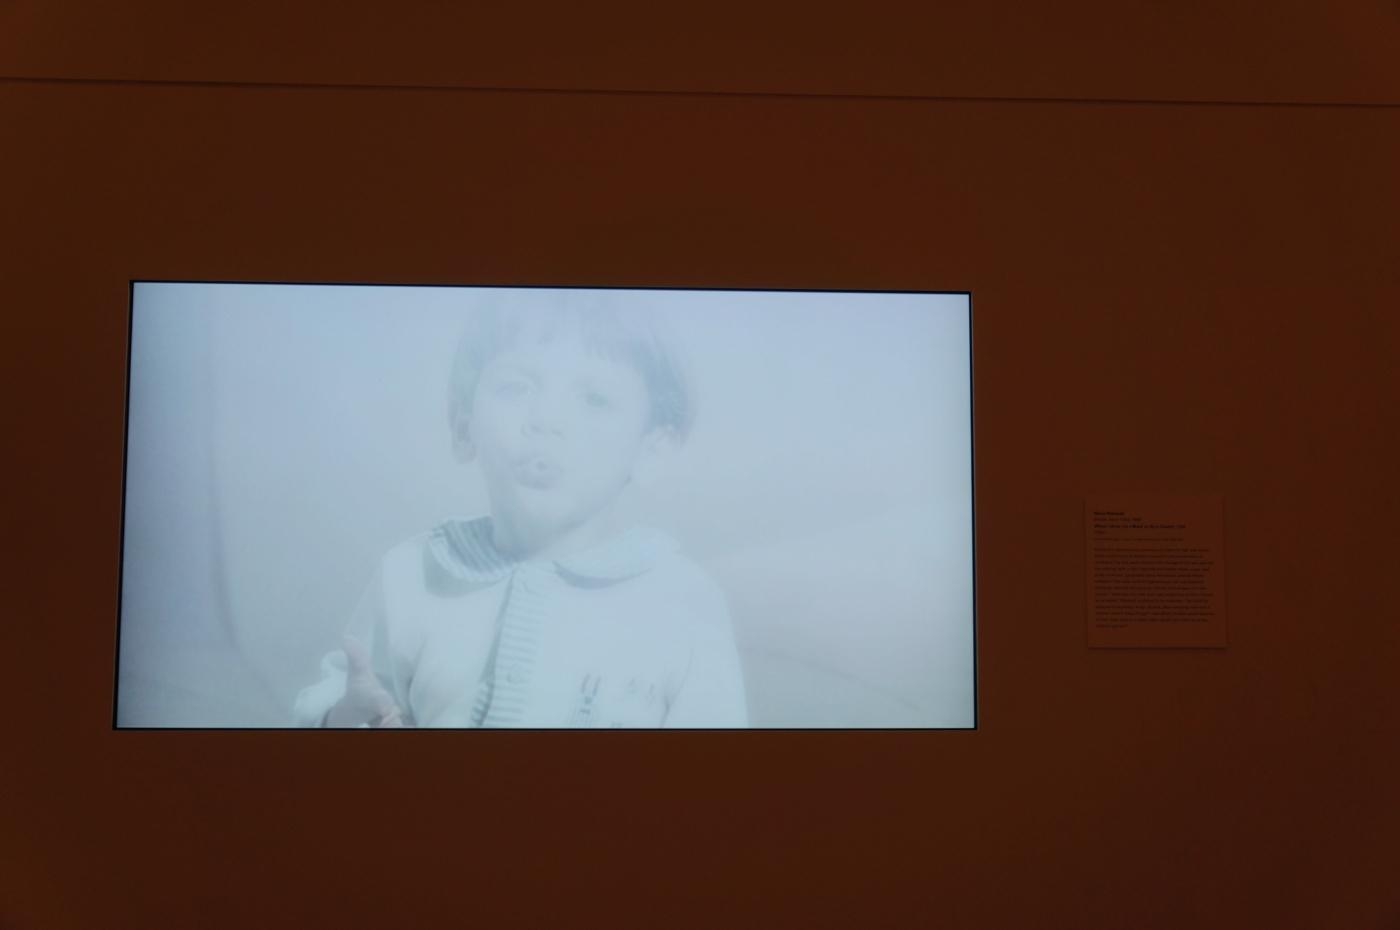 [jiejoy]大都会博物馆---吸烟的小孩_图1-5